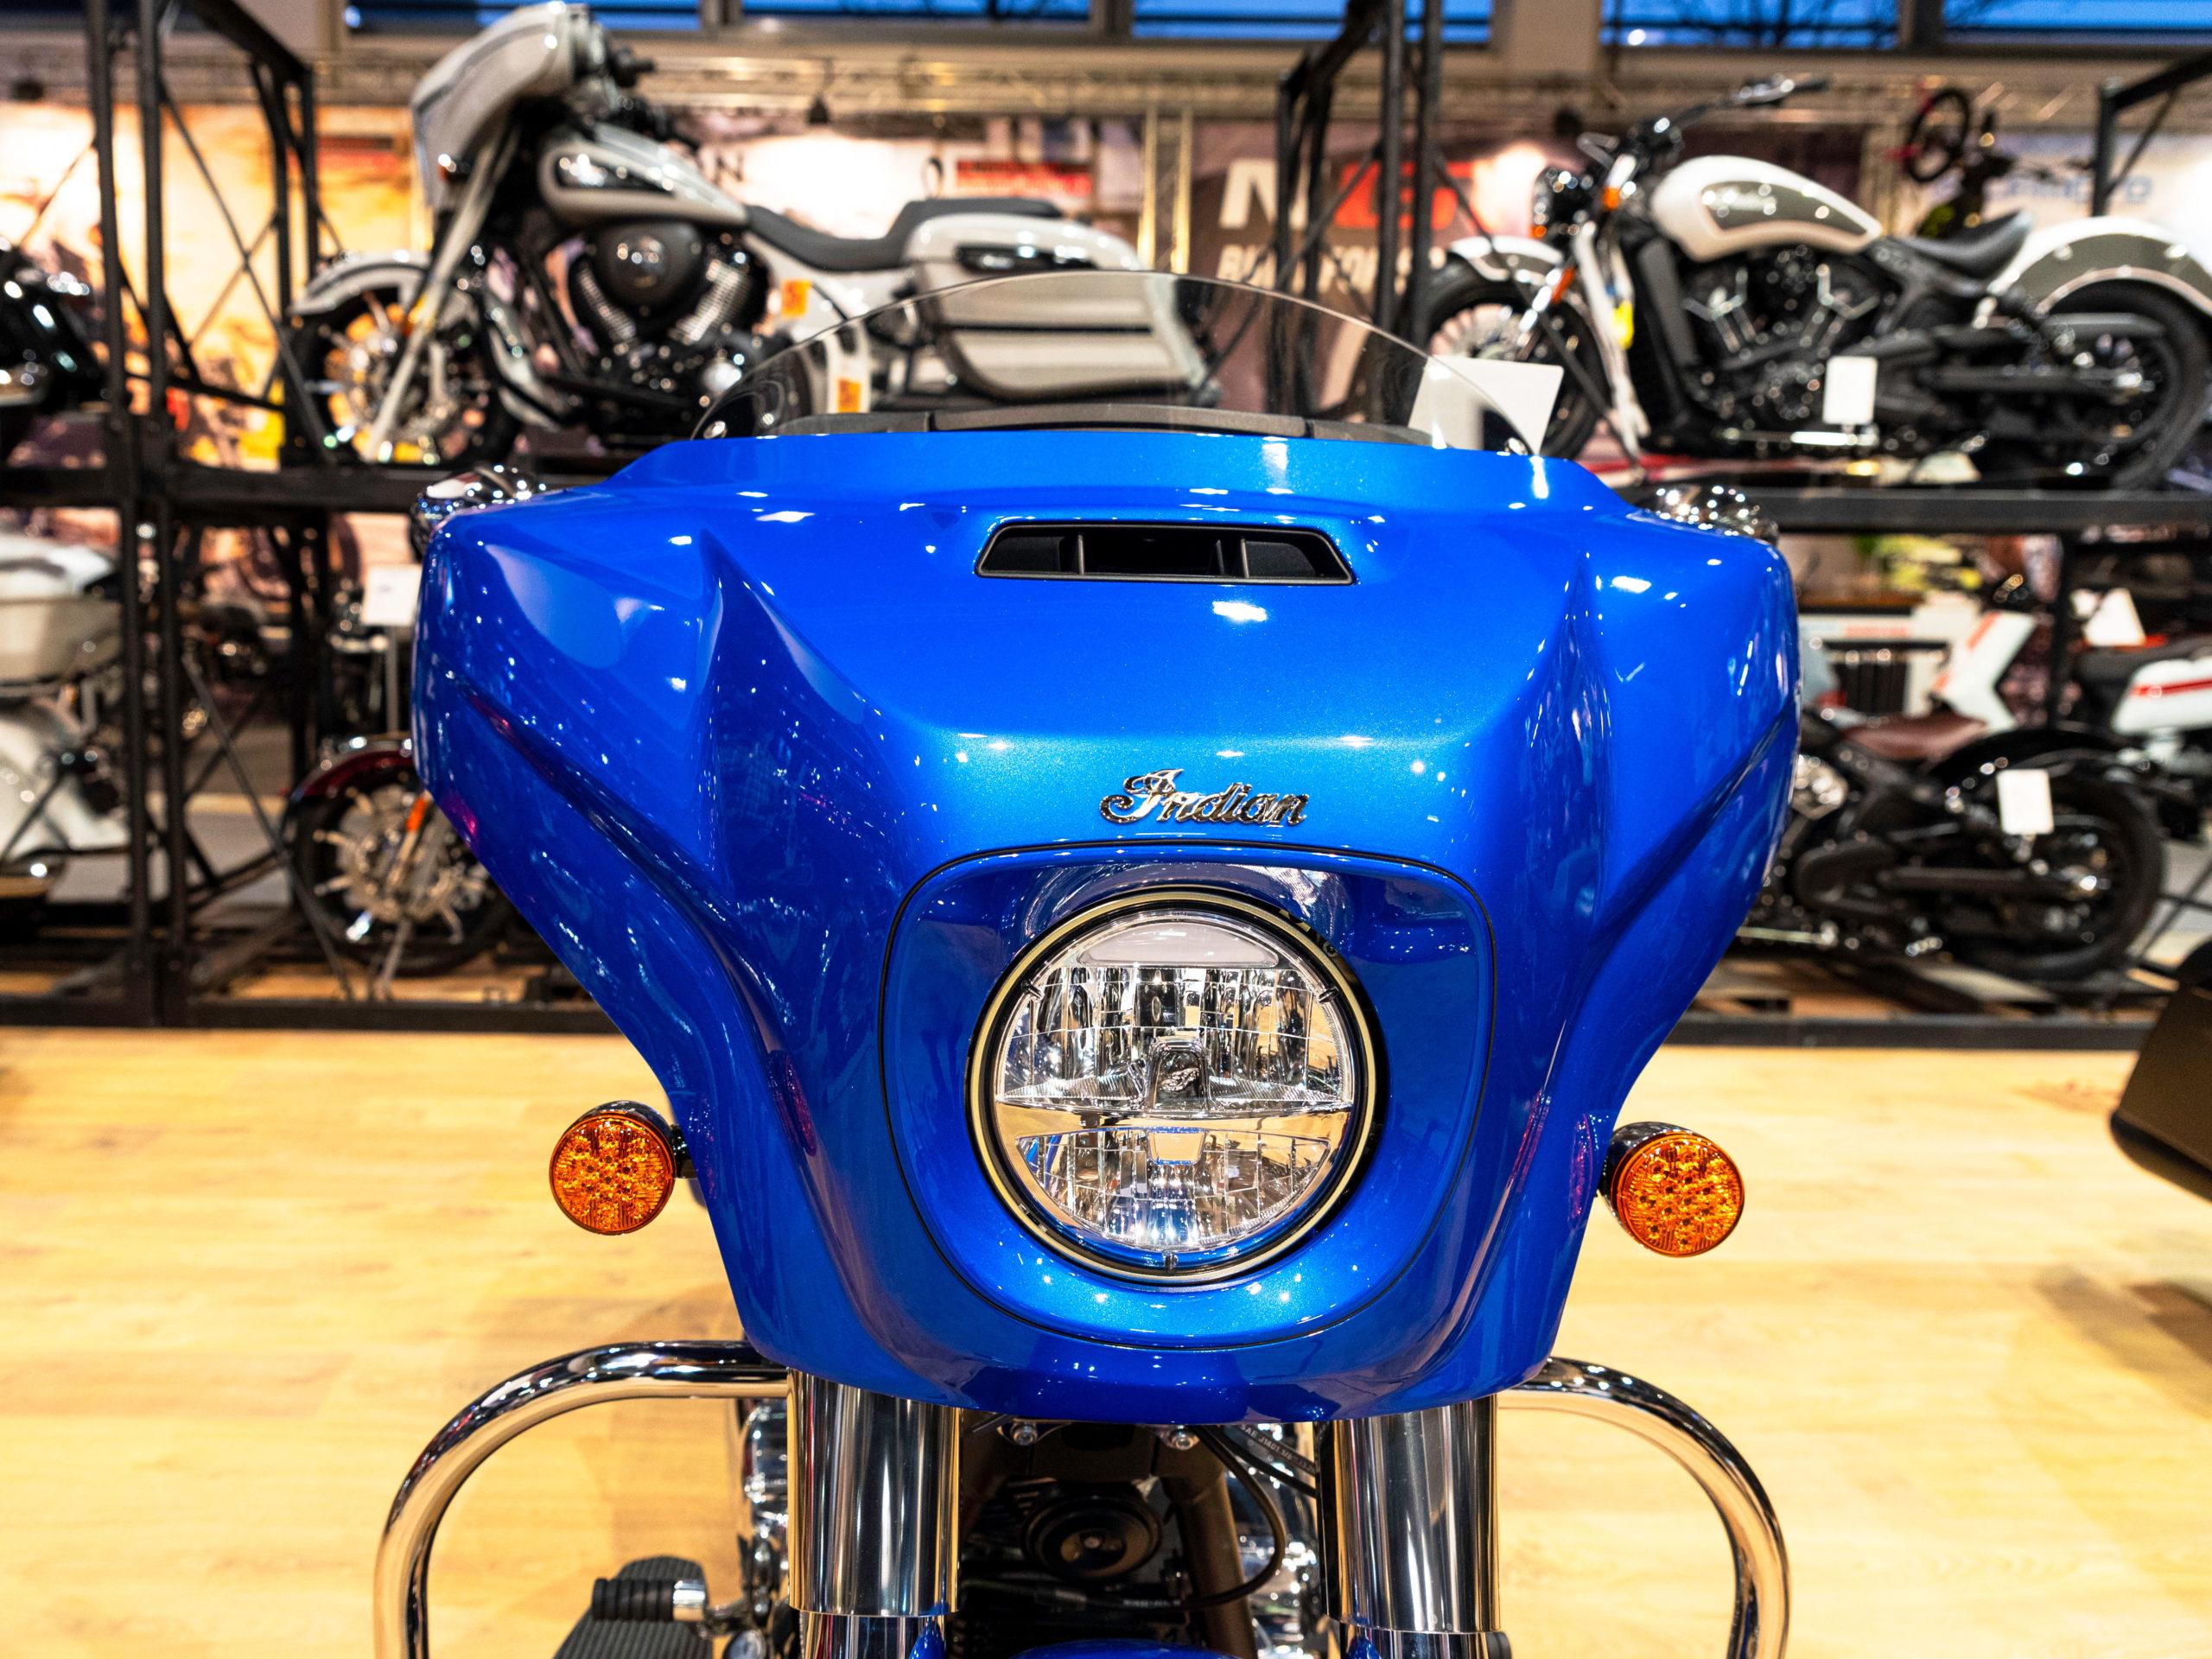 Salon moto 13